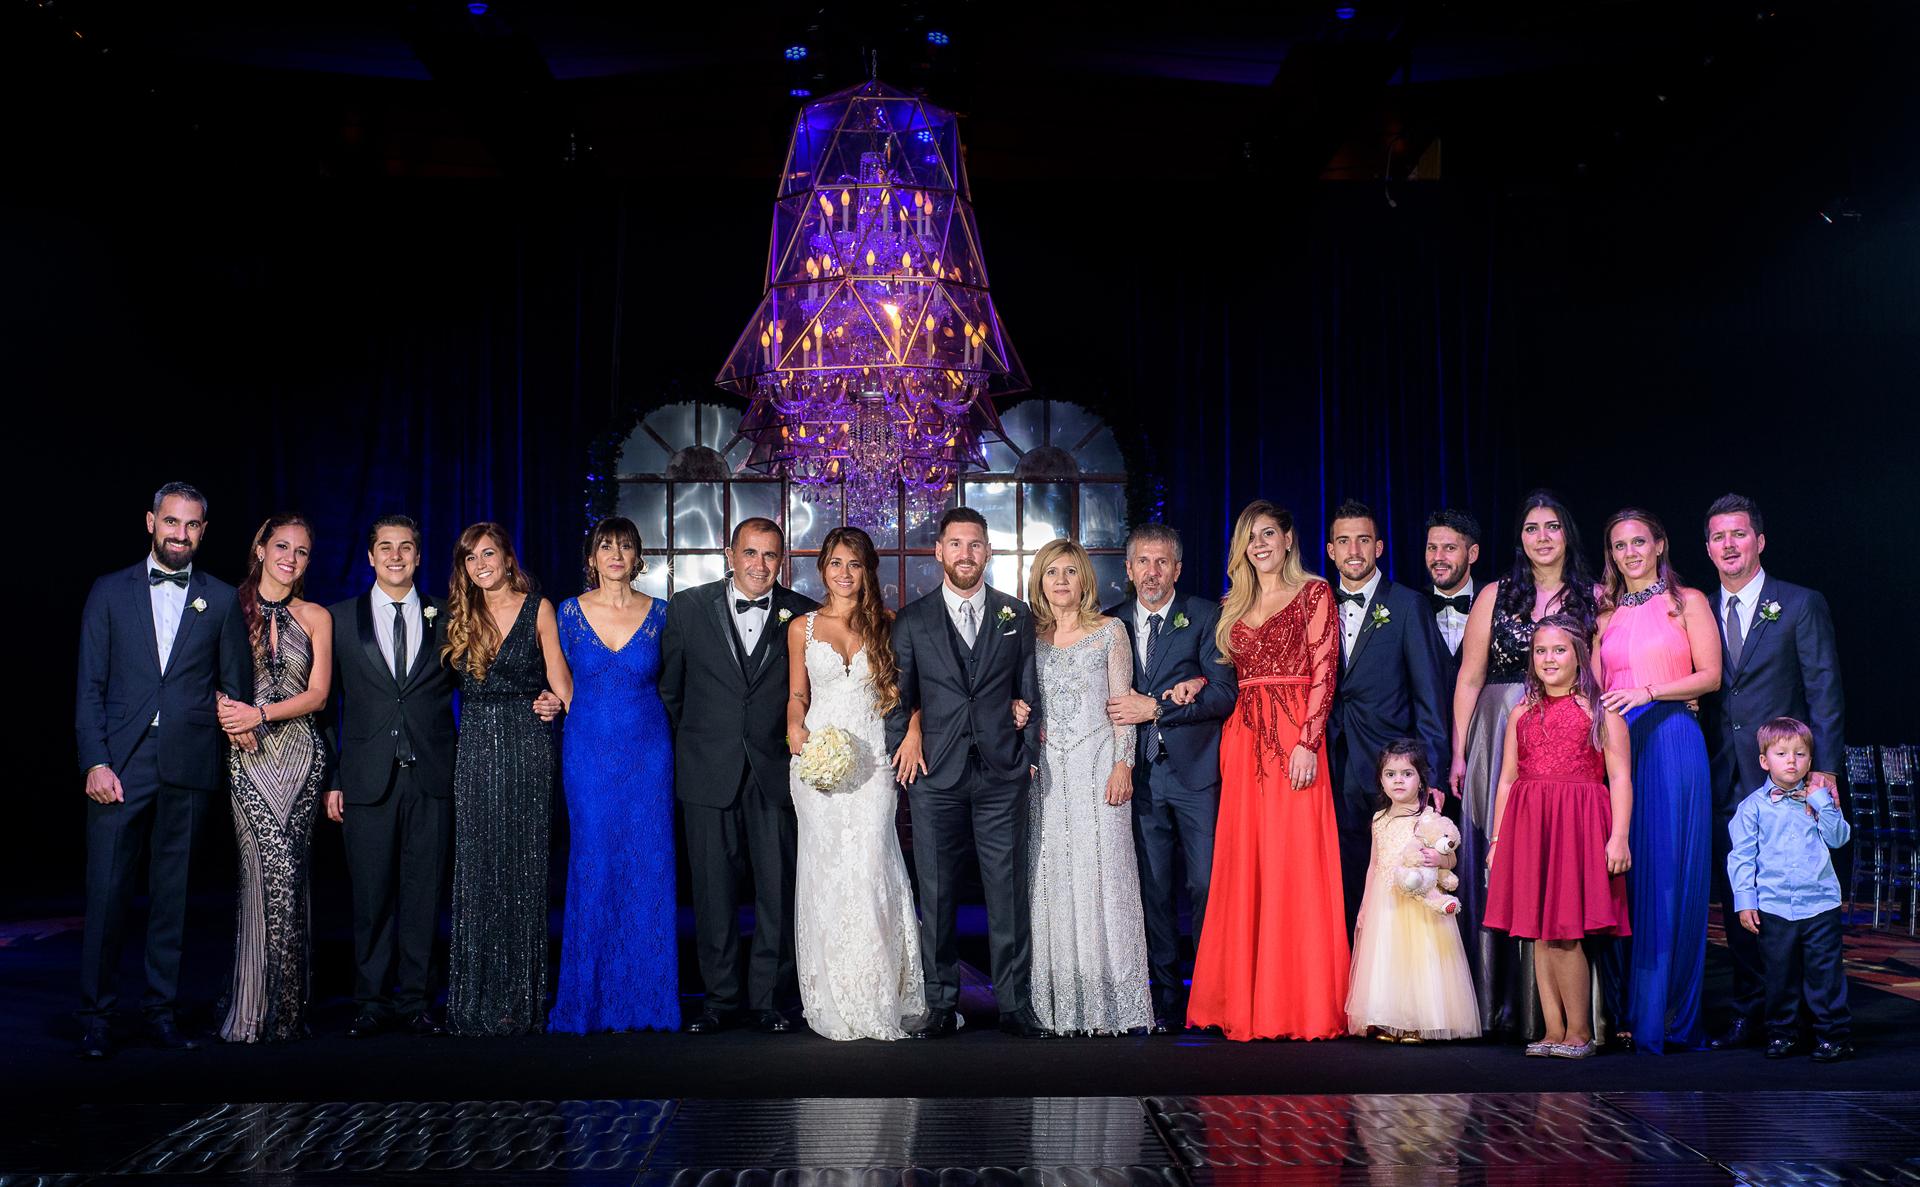 El casamiento del año tuvo lugar en el City Center, en la ciudad de Rosario